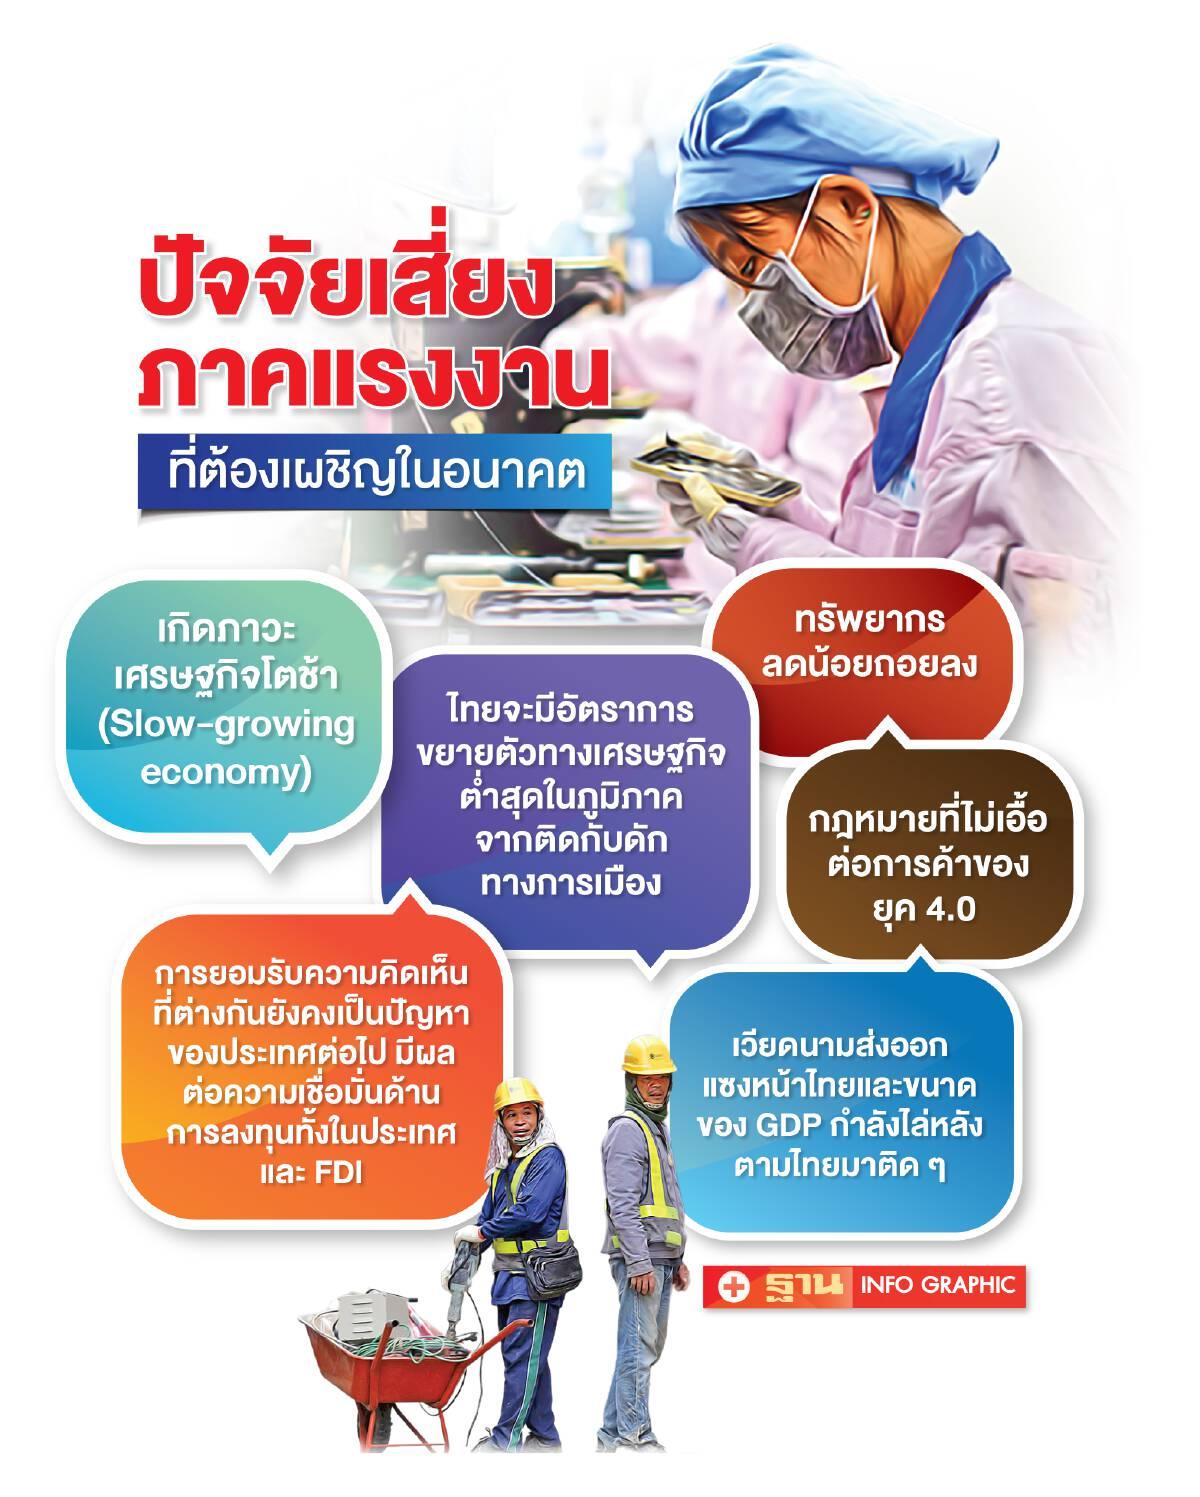 1 ปี 4 เดือนโควิด ทุบเศรษฐกิจวูบ 11 ล้านล้าน แรงงานหายจากระบบ 1.3 ล้านคน